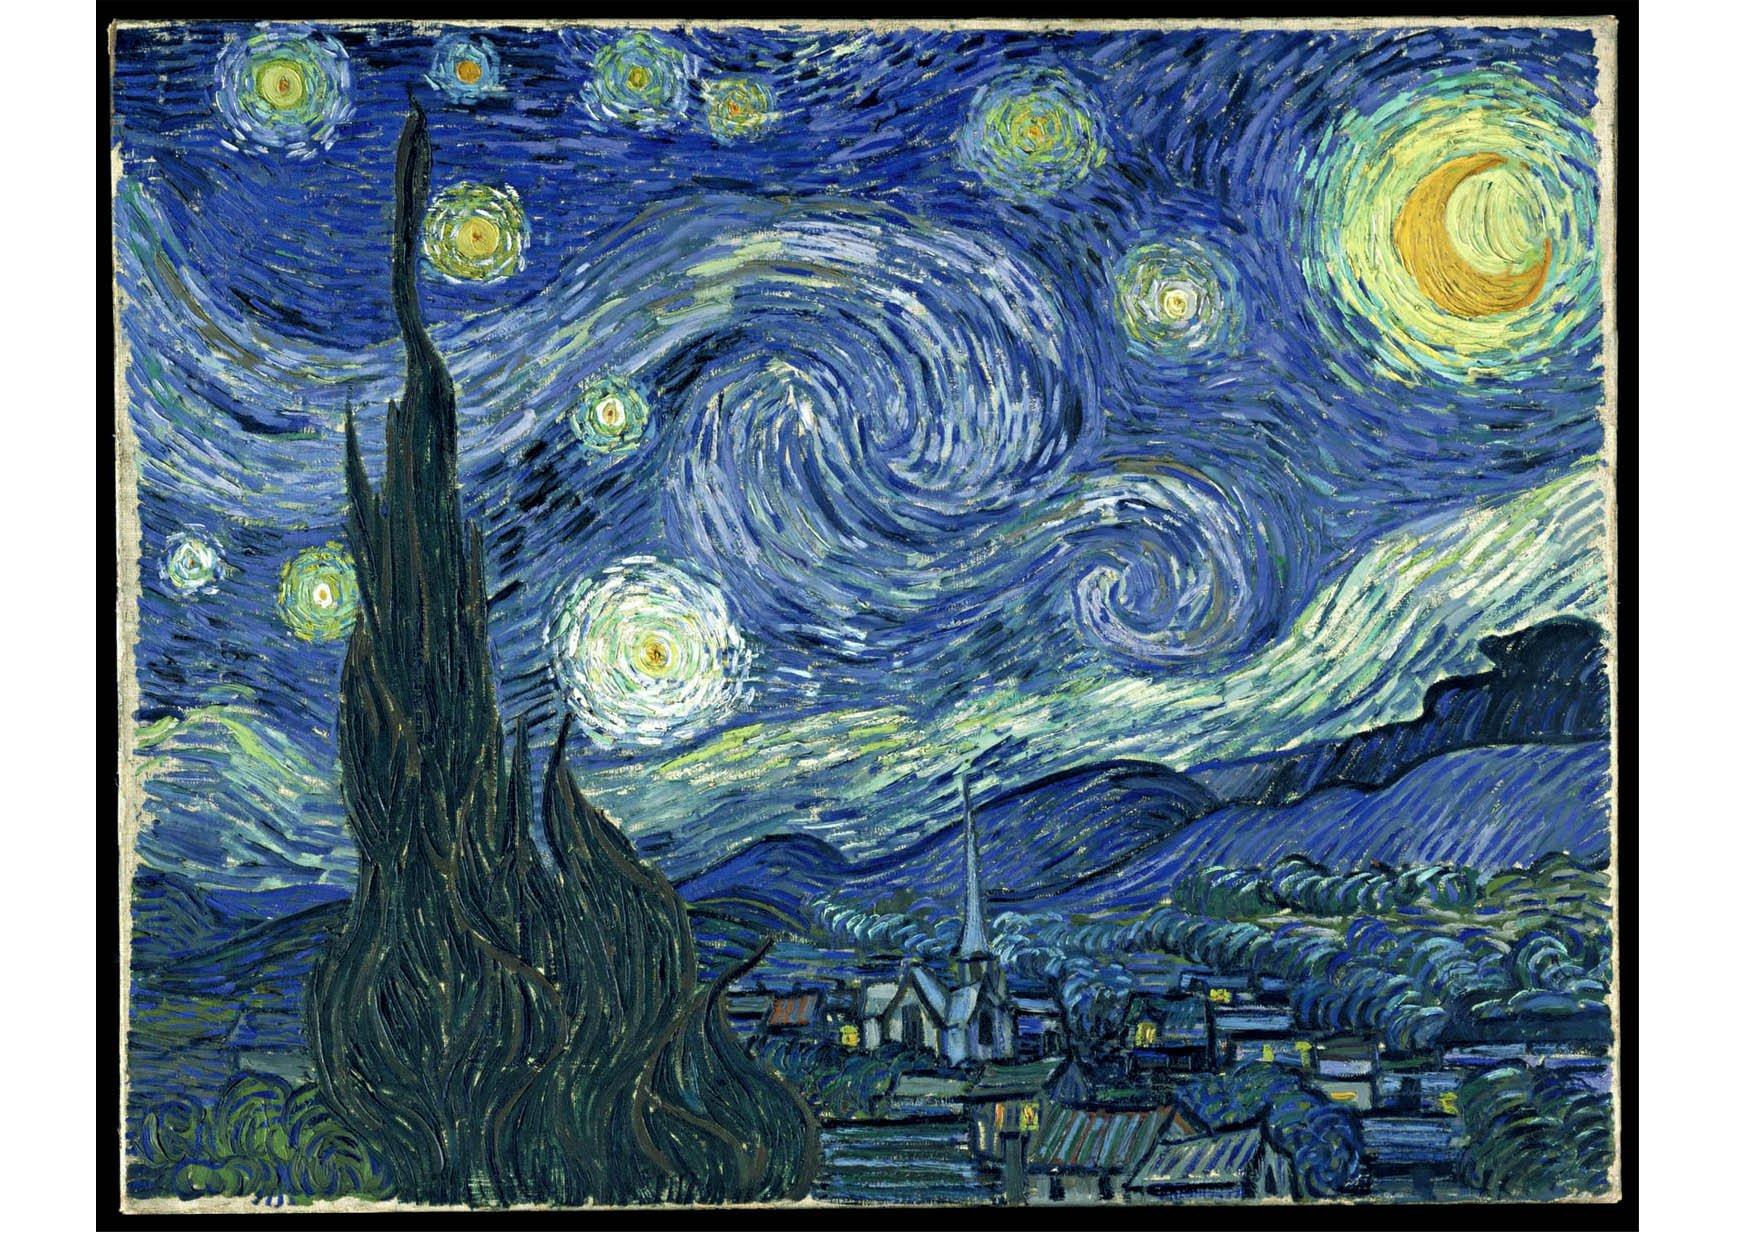 Image starry night vincent van gogh dessin 14768 - Coloriage van gogh ...